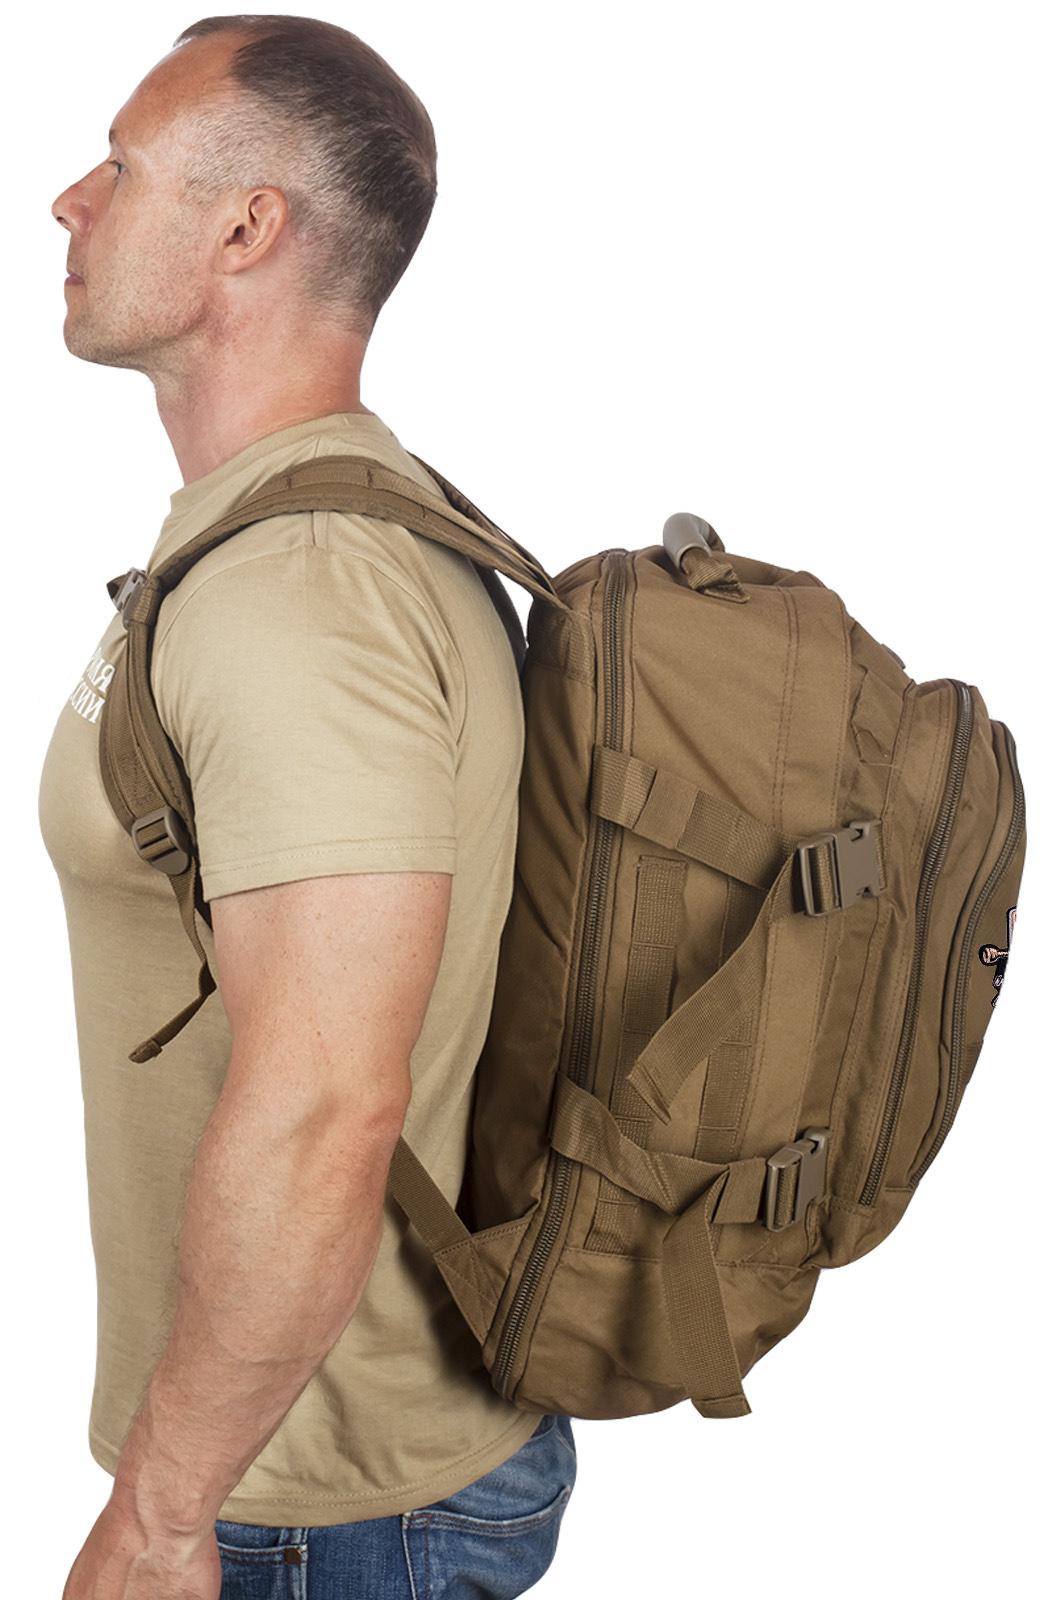 Походный штурмовой рюкзак с нашивкой Рыболовный Спецназ - купить по низкой цене